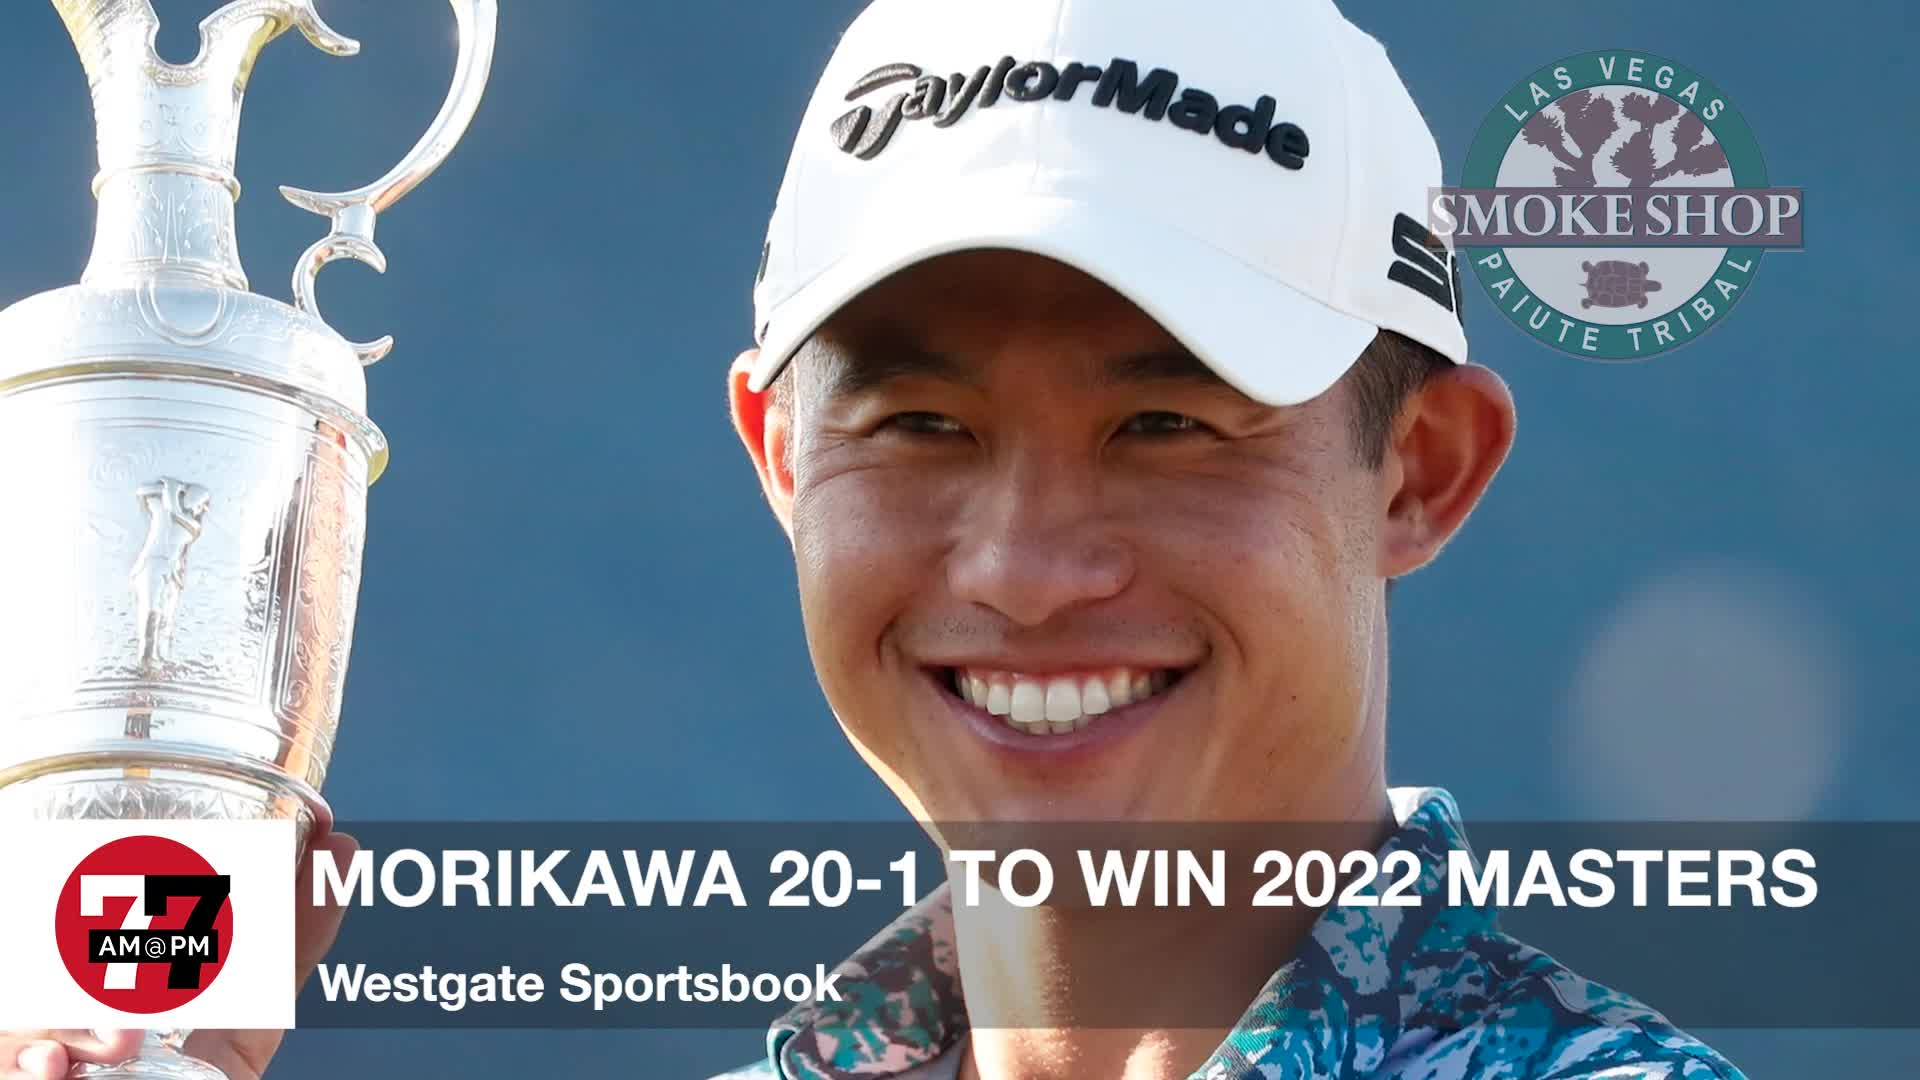 7@7PM Morikawa 20-1 to Win 2022 Masters